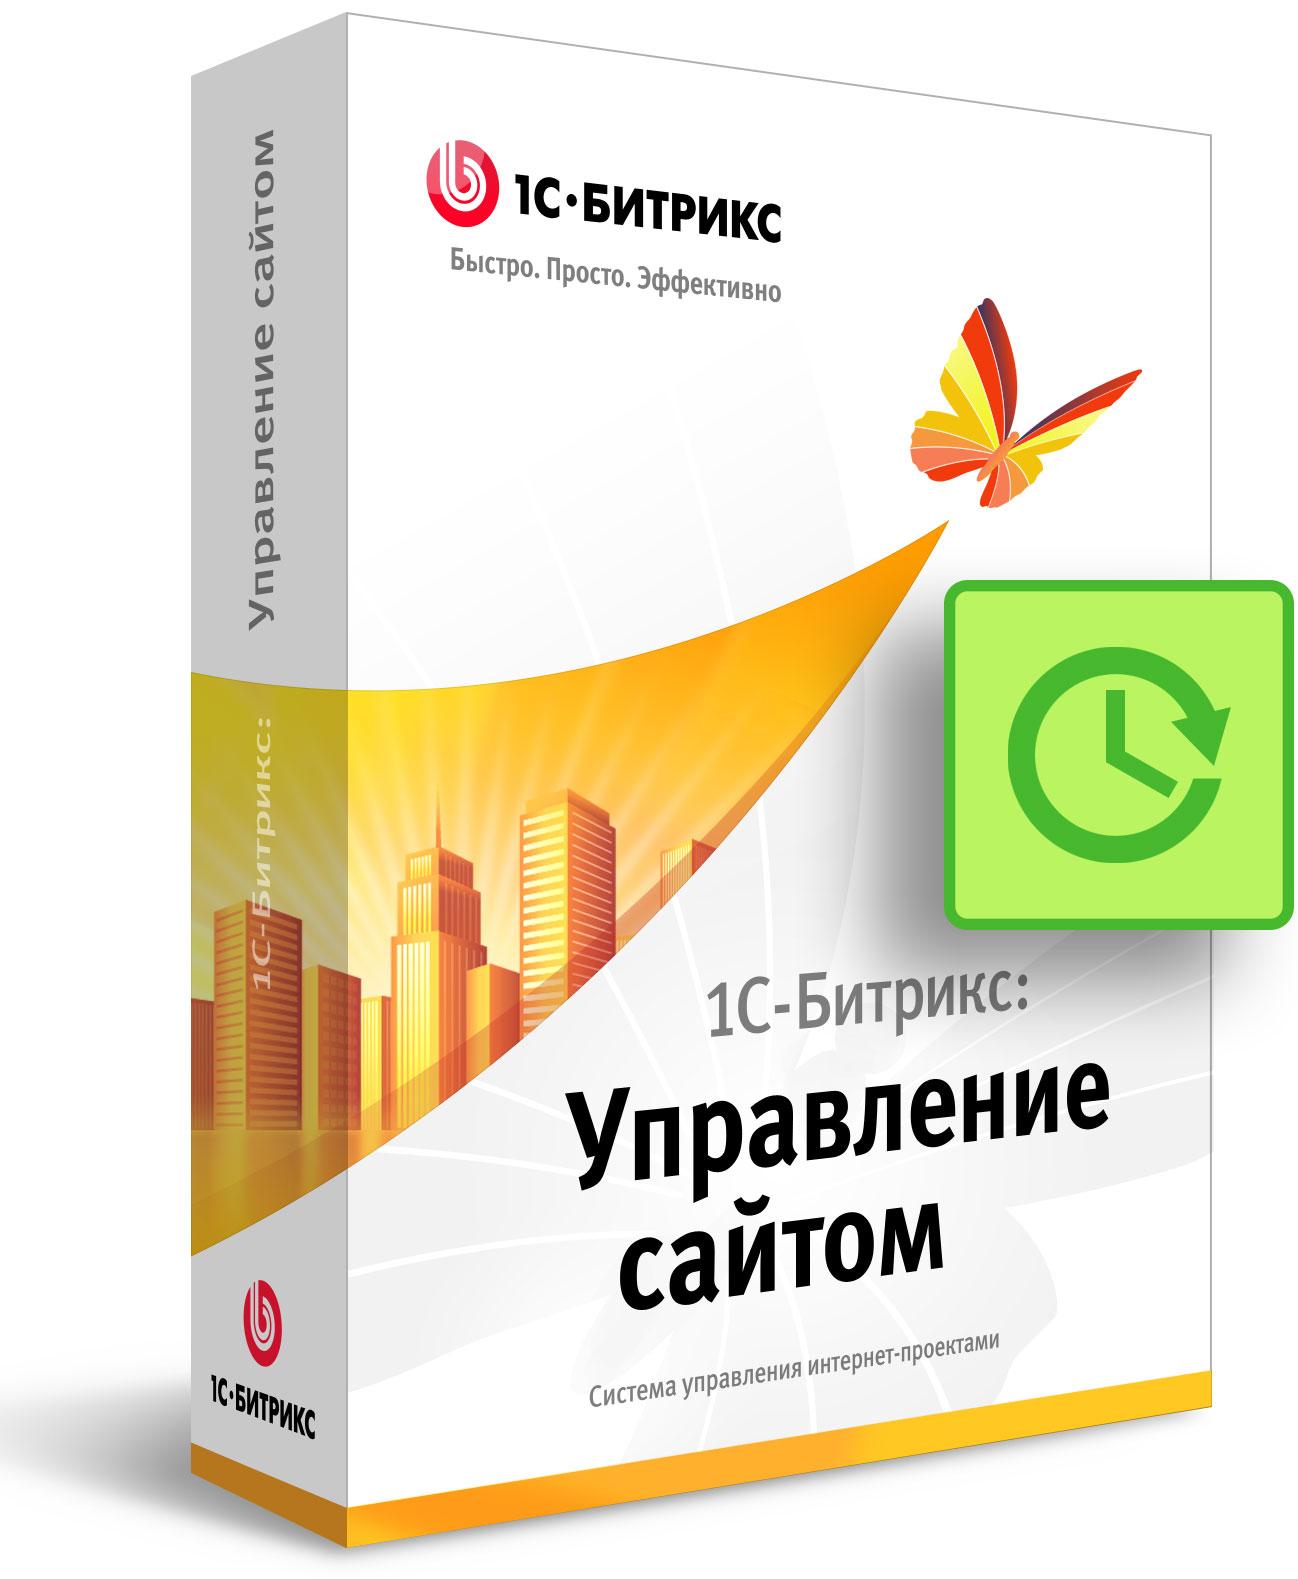 Битрикс продление лицензии стандарт настройка постраничной навигации битрикс